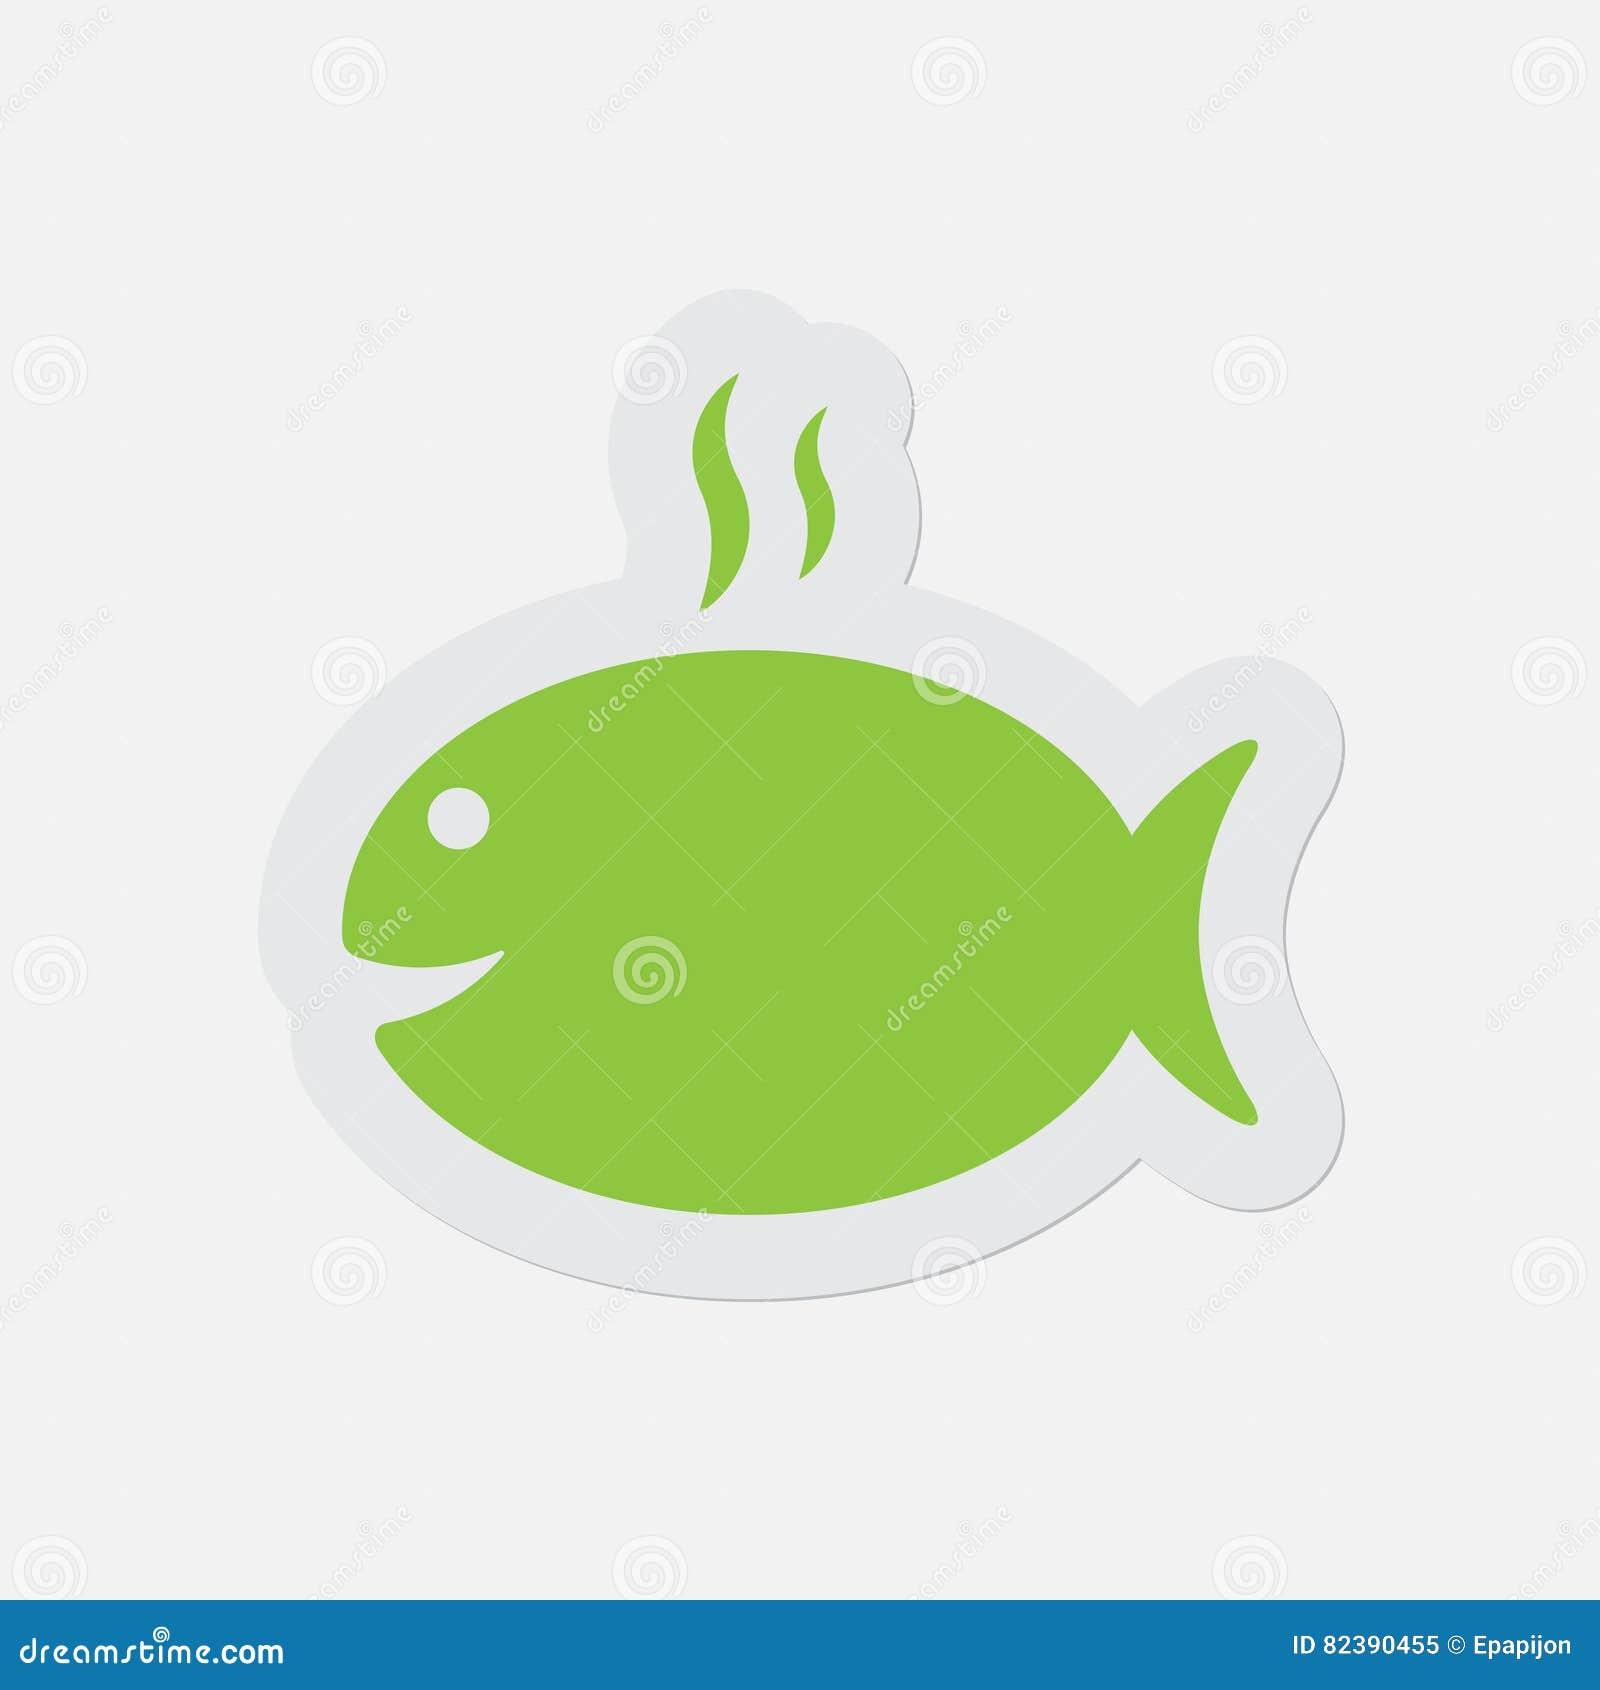 Prosta zielona ikona - opieczenie ryba z dymem